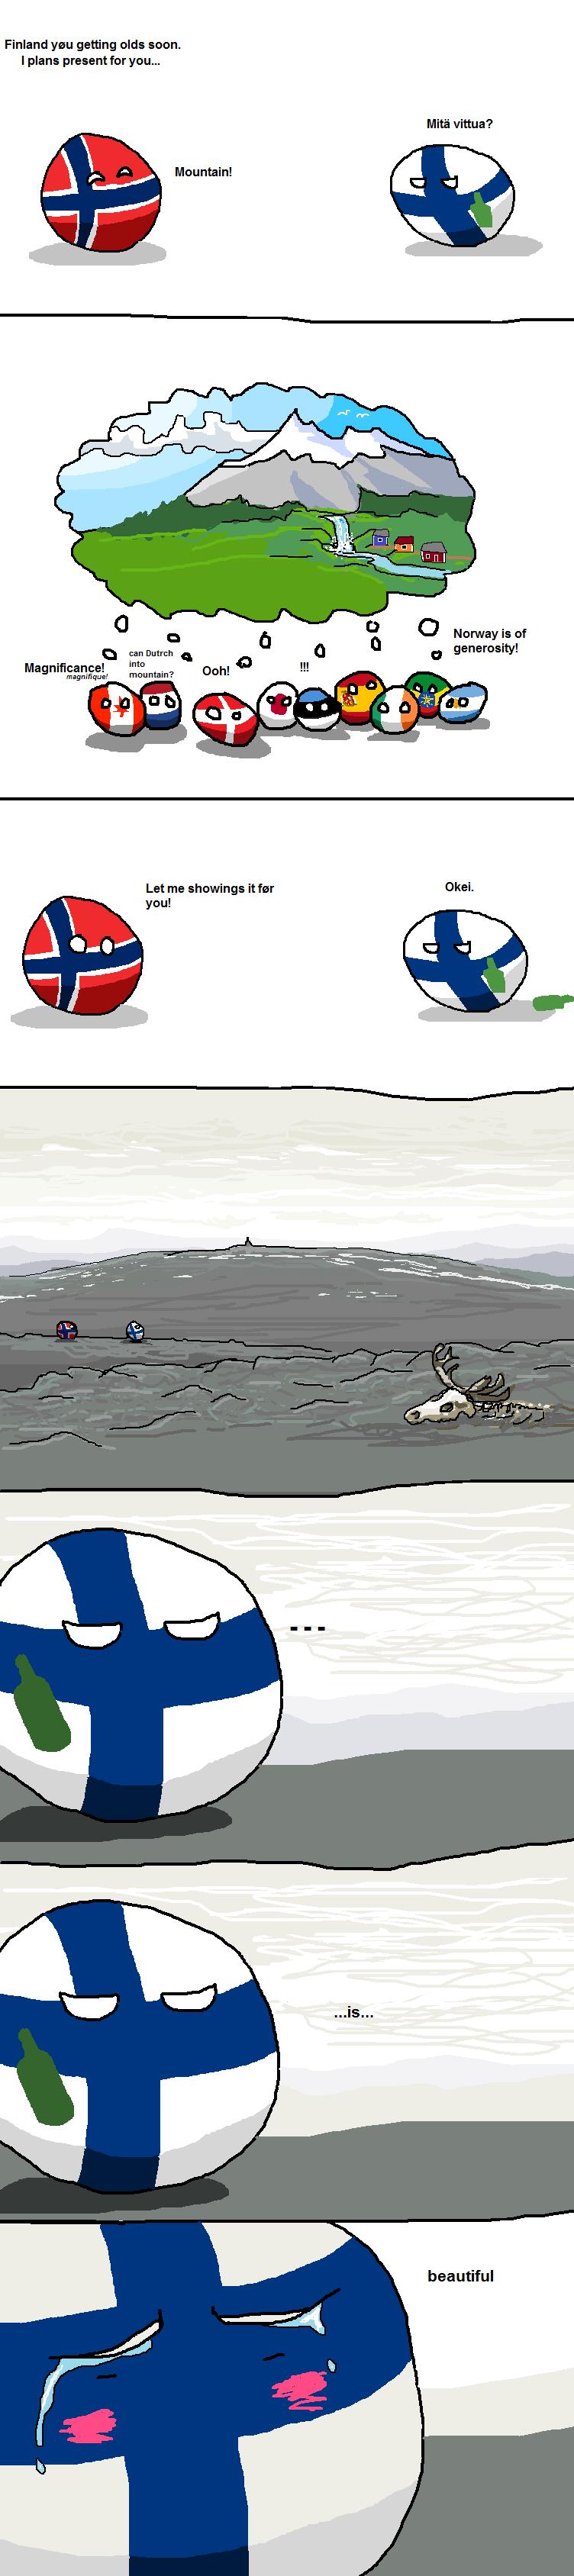 Lopulta se vuoren antaminen ei kai ees onnistunu? Koska Norja meinas ihan oikeesti antaa vuoren suomelle.